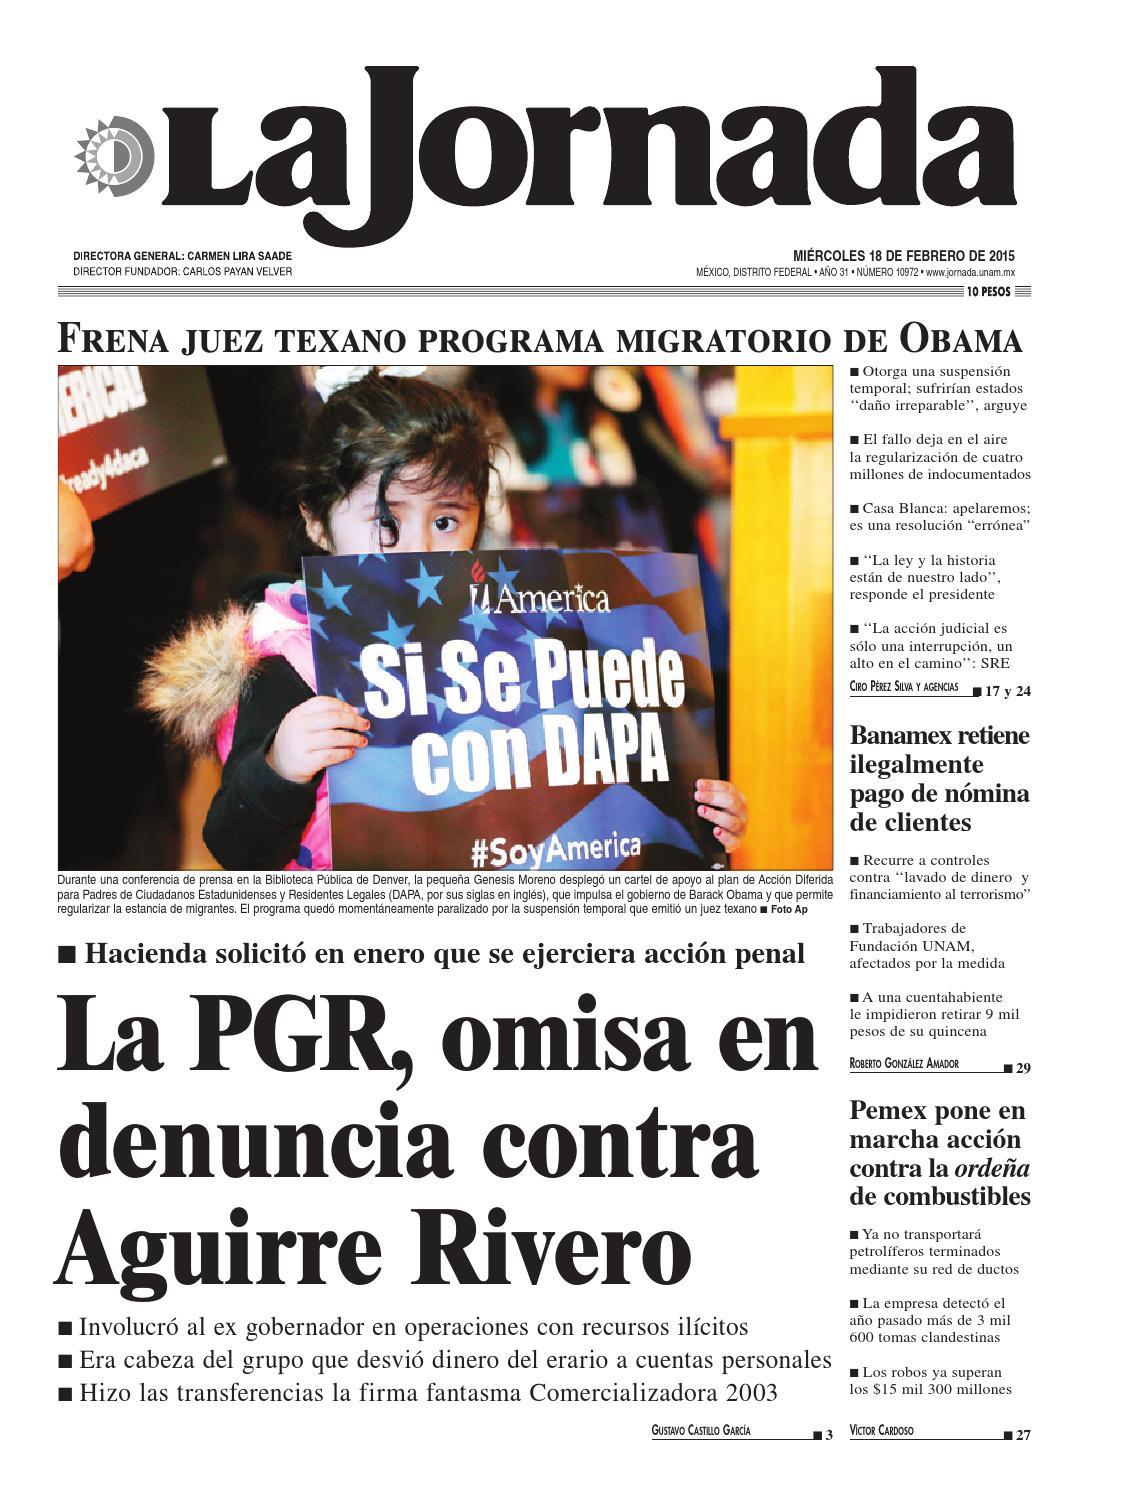 La Jornada, 02/18/2015 by La Jornada: DEMOS Desarrollo de Medios ...